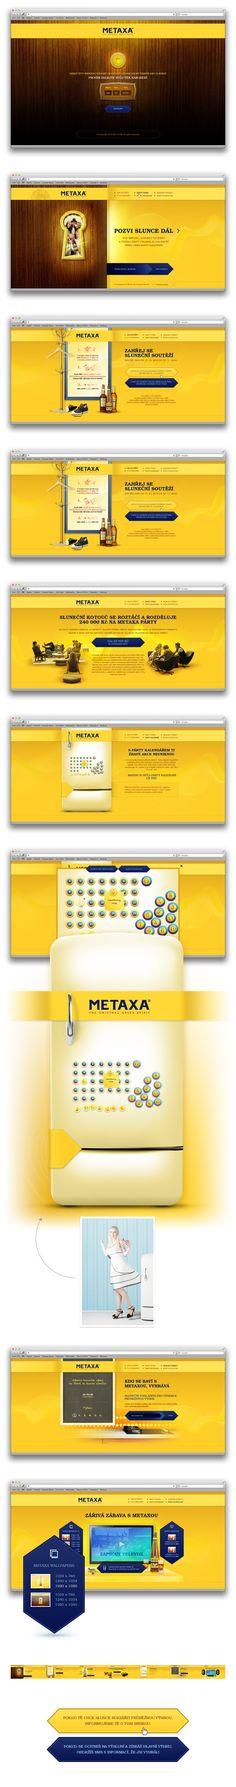 Metaxa | Art4web | Kreatívna internetová agentúra | Tvorba webstránok, Grafický design, Copywriting, SEO